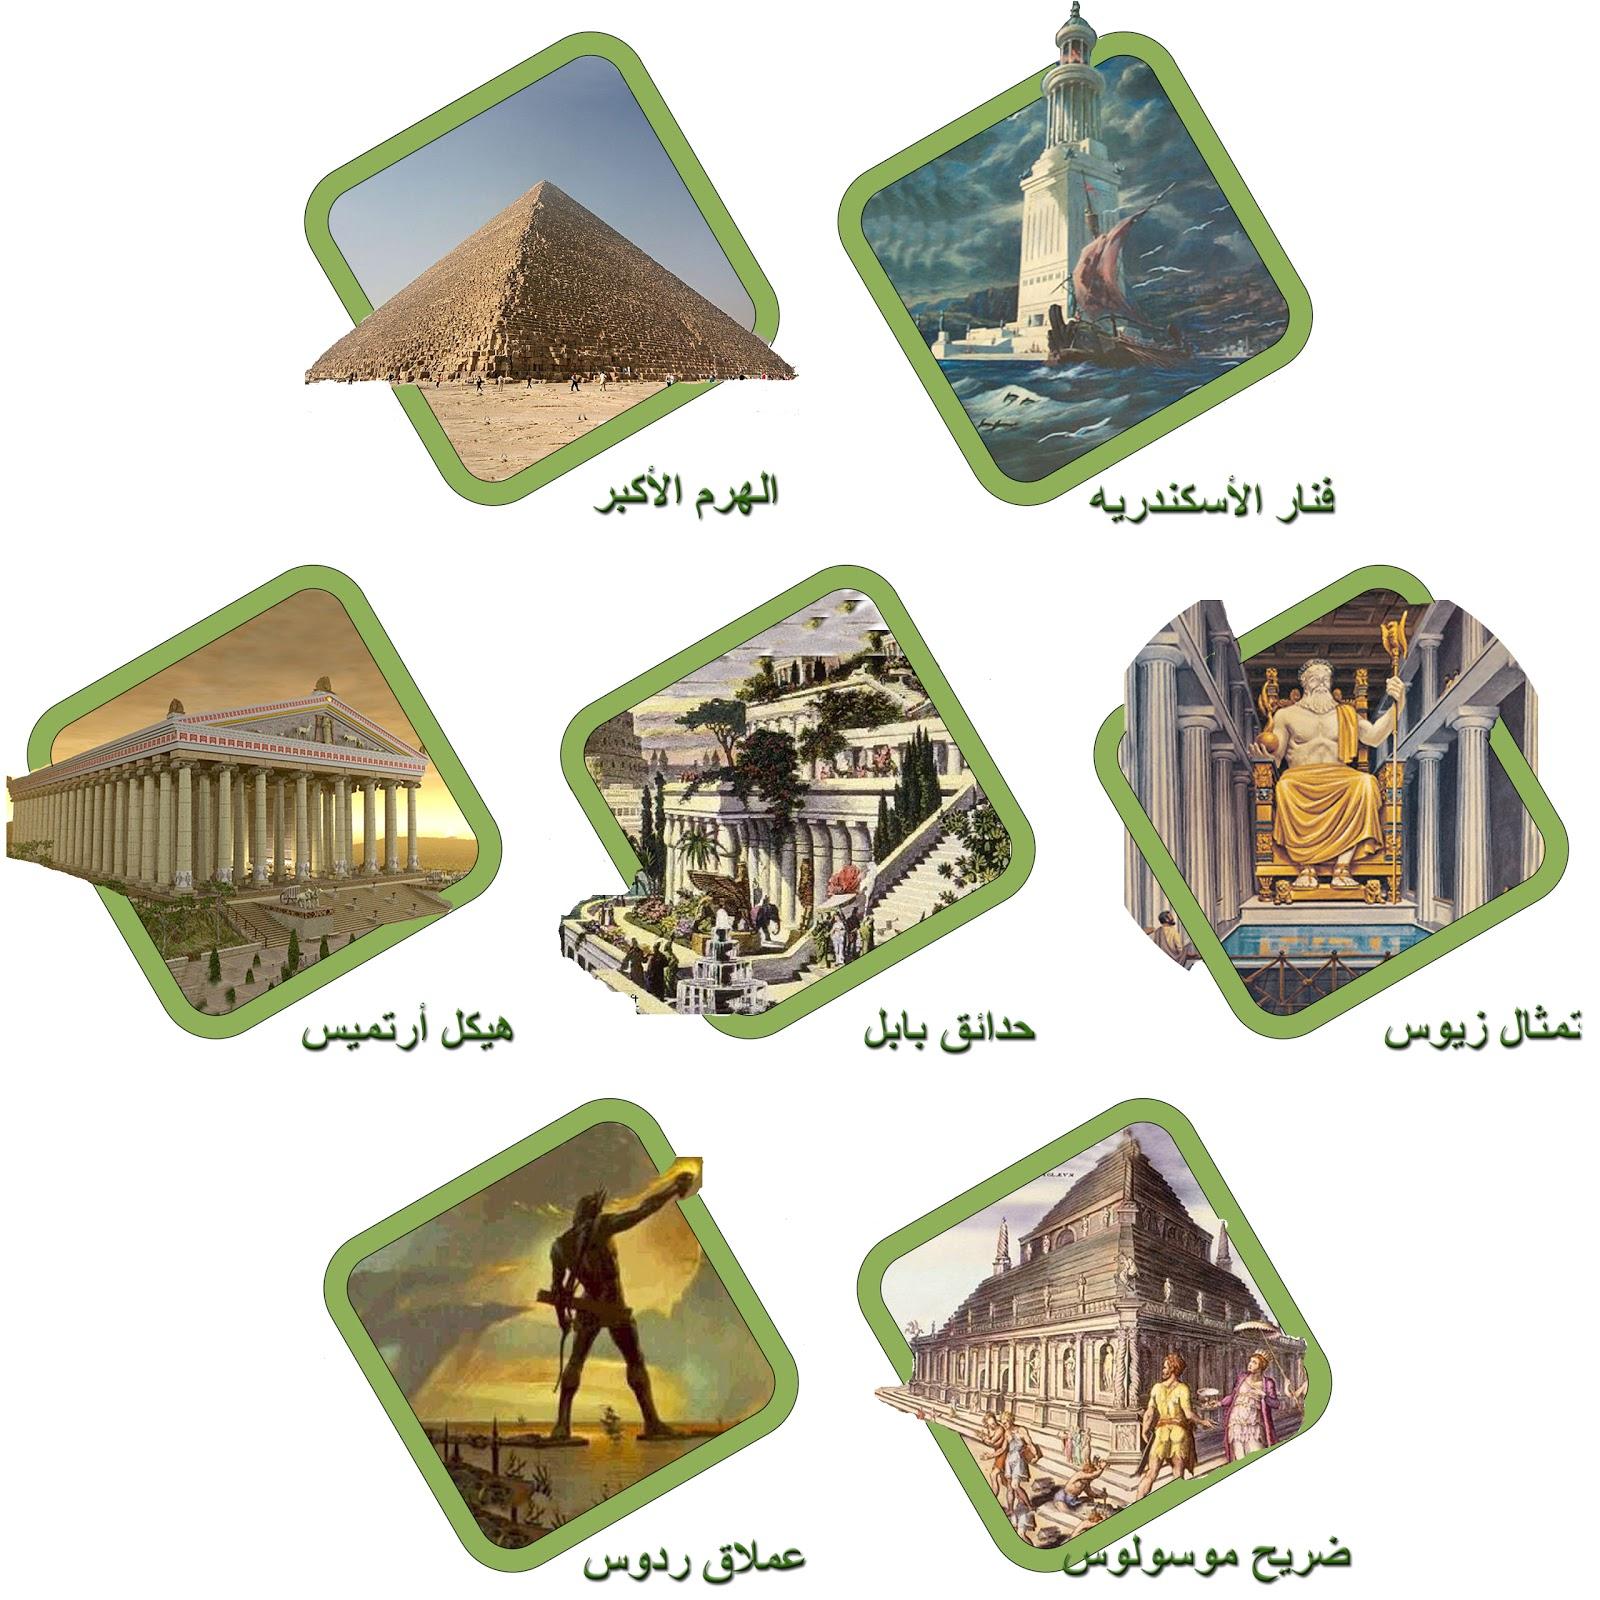 صور عجائب الدنيا السبع , اهمية عجائب الدنيا السبع